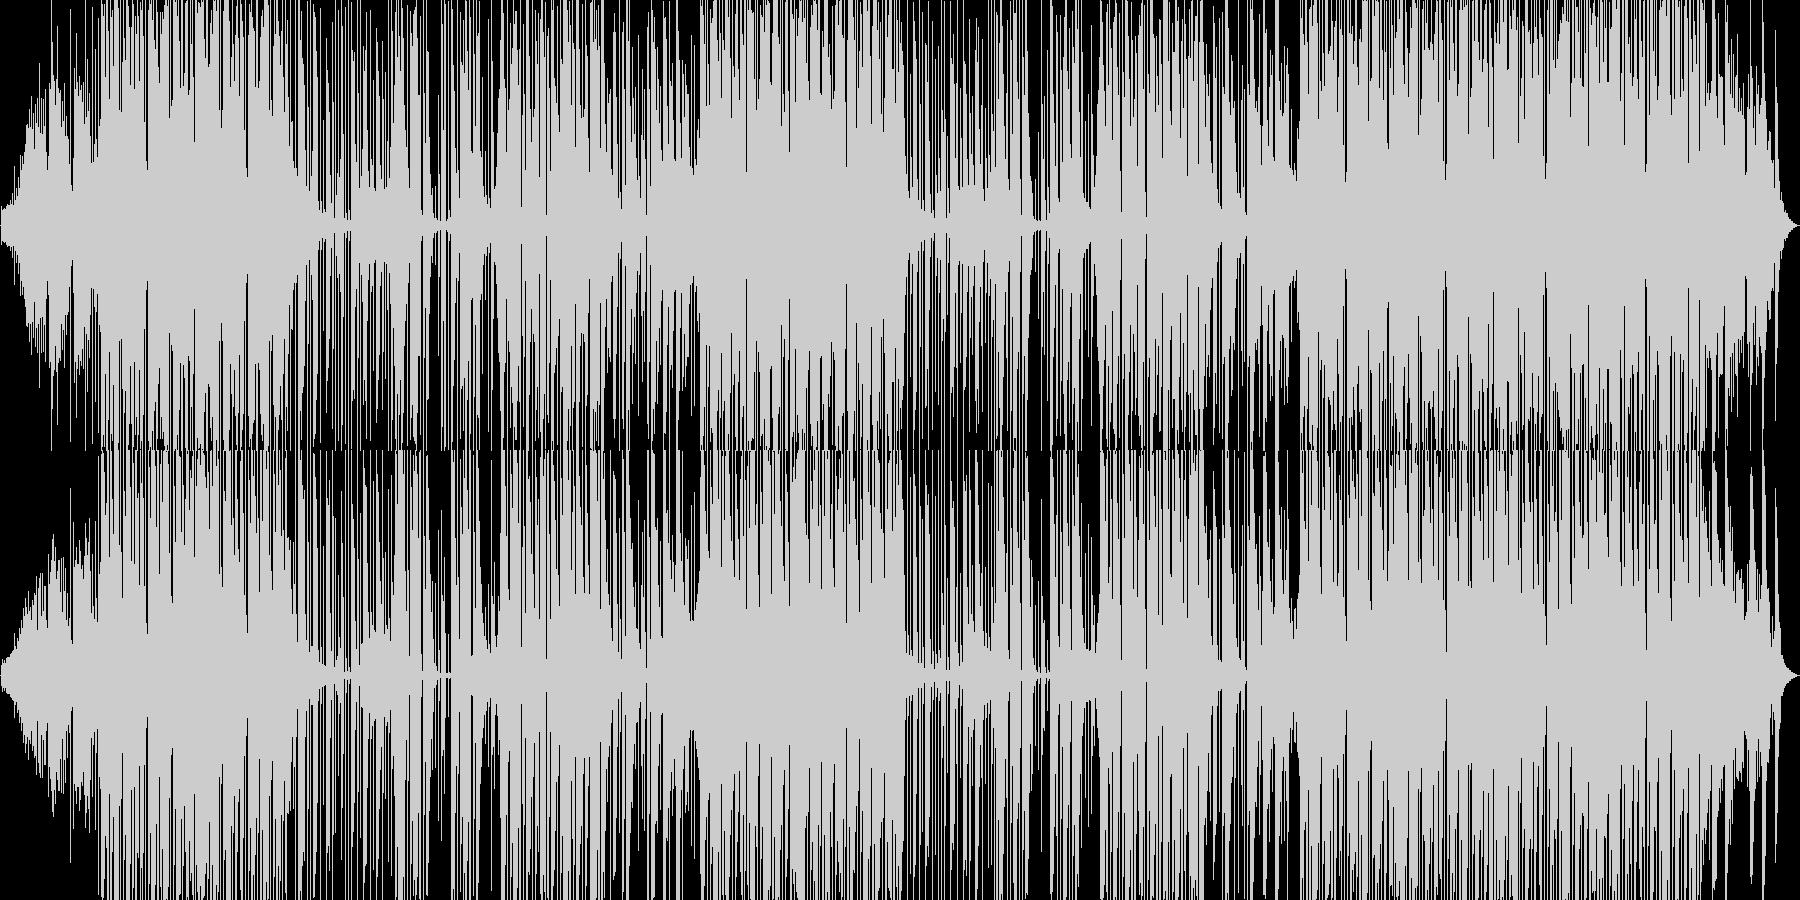 壮大系Hiphopビートの未再生の波形